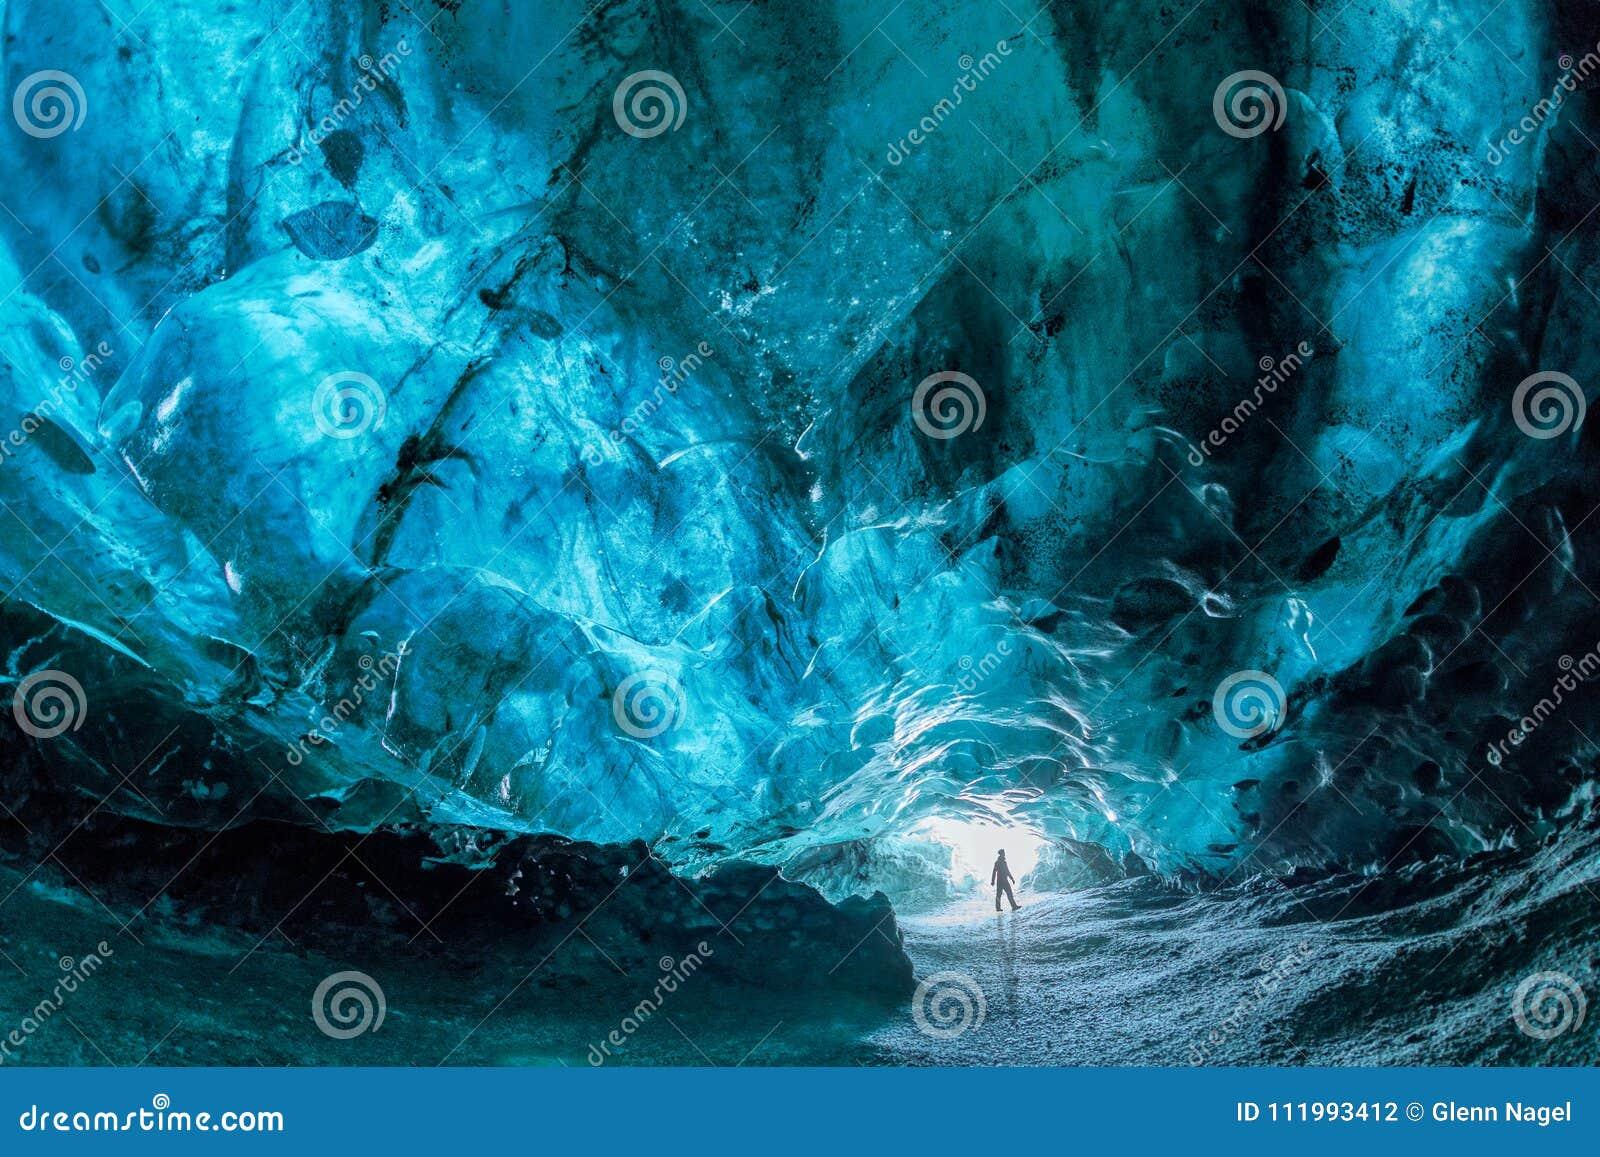 Dentro de una cueva de hielo azul en Islandia